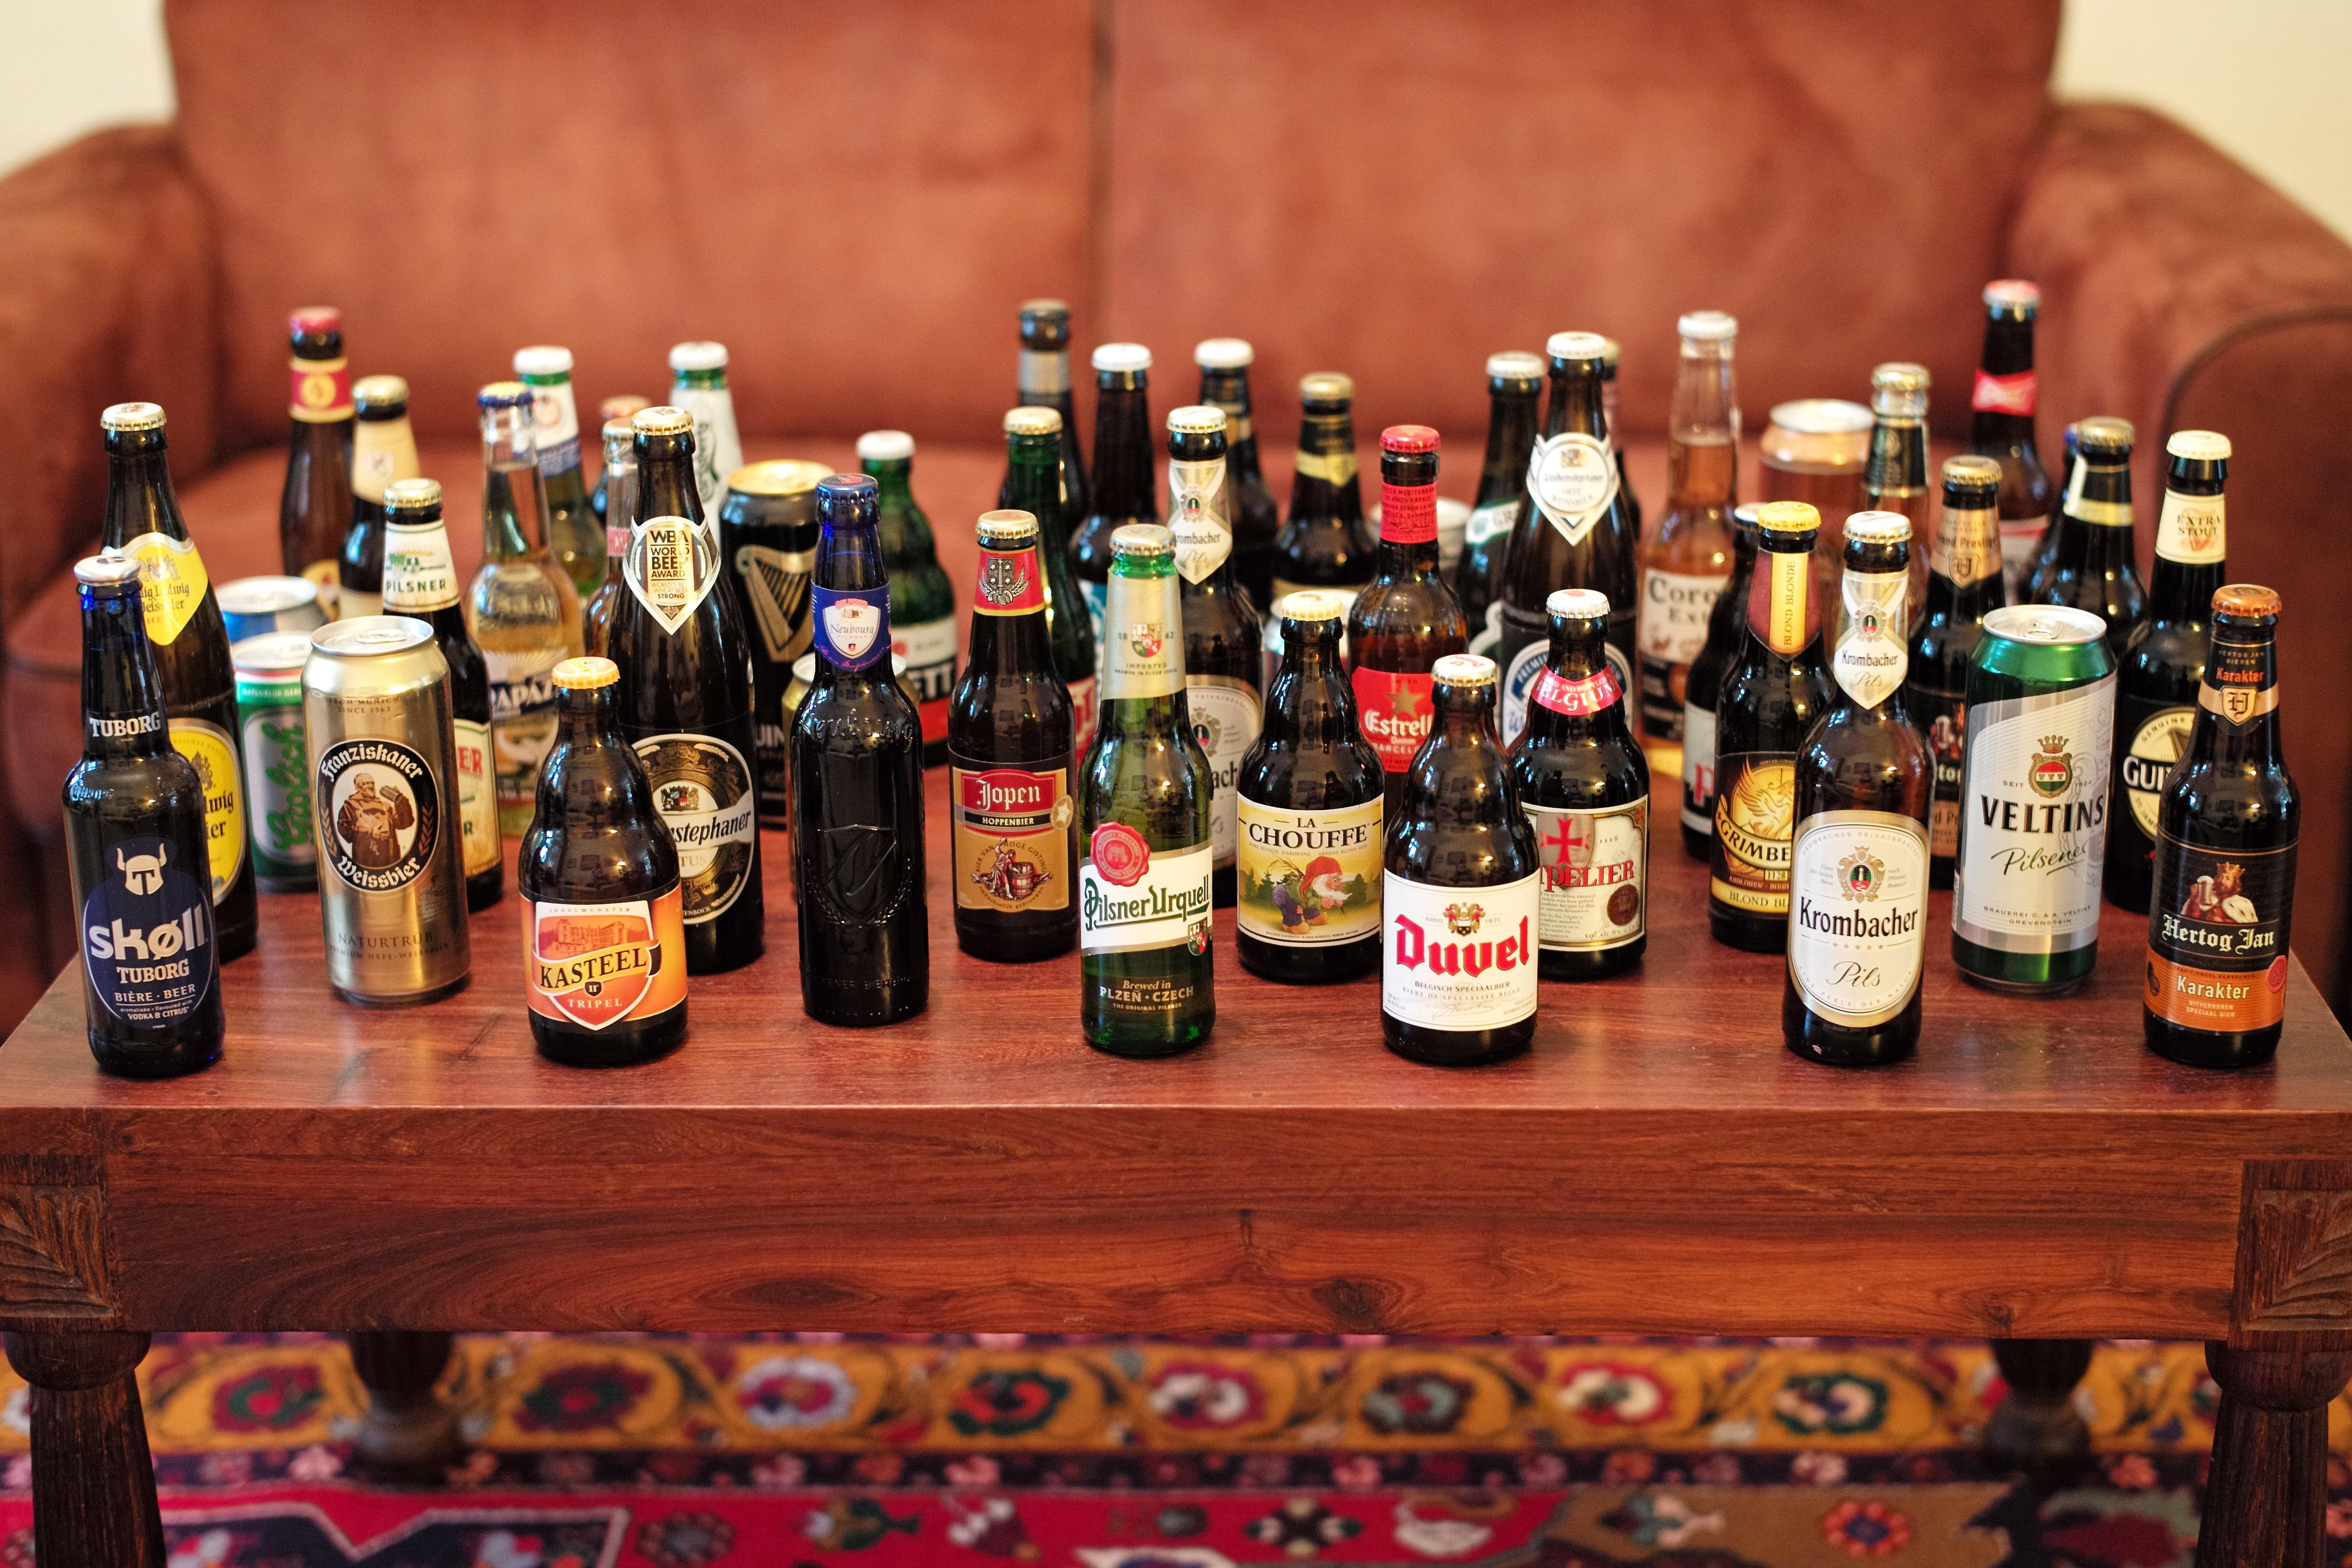 hình ảnh : quán ba, quà tặng, chai, bia, rượu, hiện tại, M, F14, vui mừng, Chai, Lon, whisky, Rượu mùi, Leica, sinh nhật, 240, Summilux, Bia, Thứ 50, ...